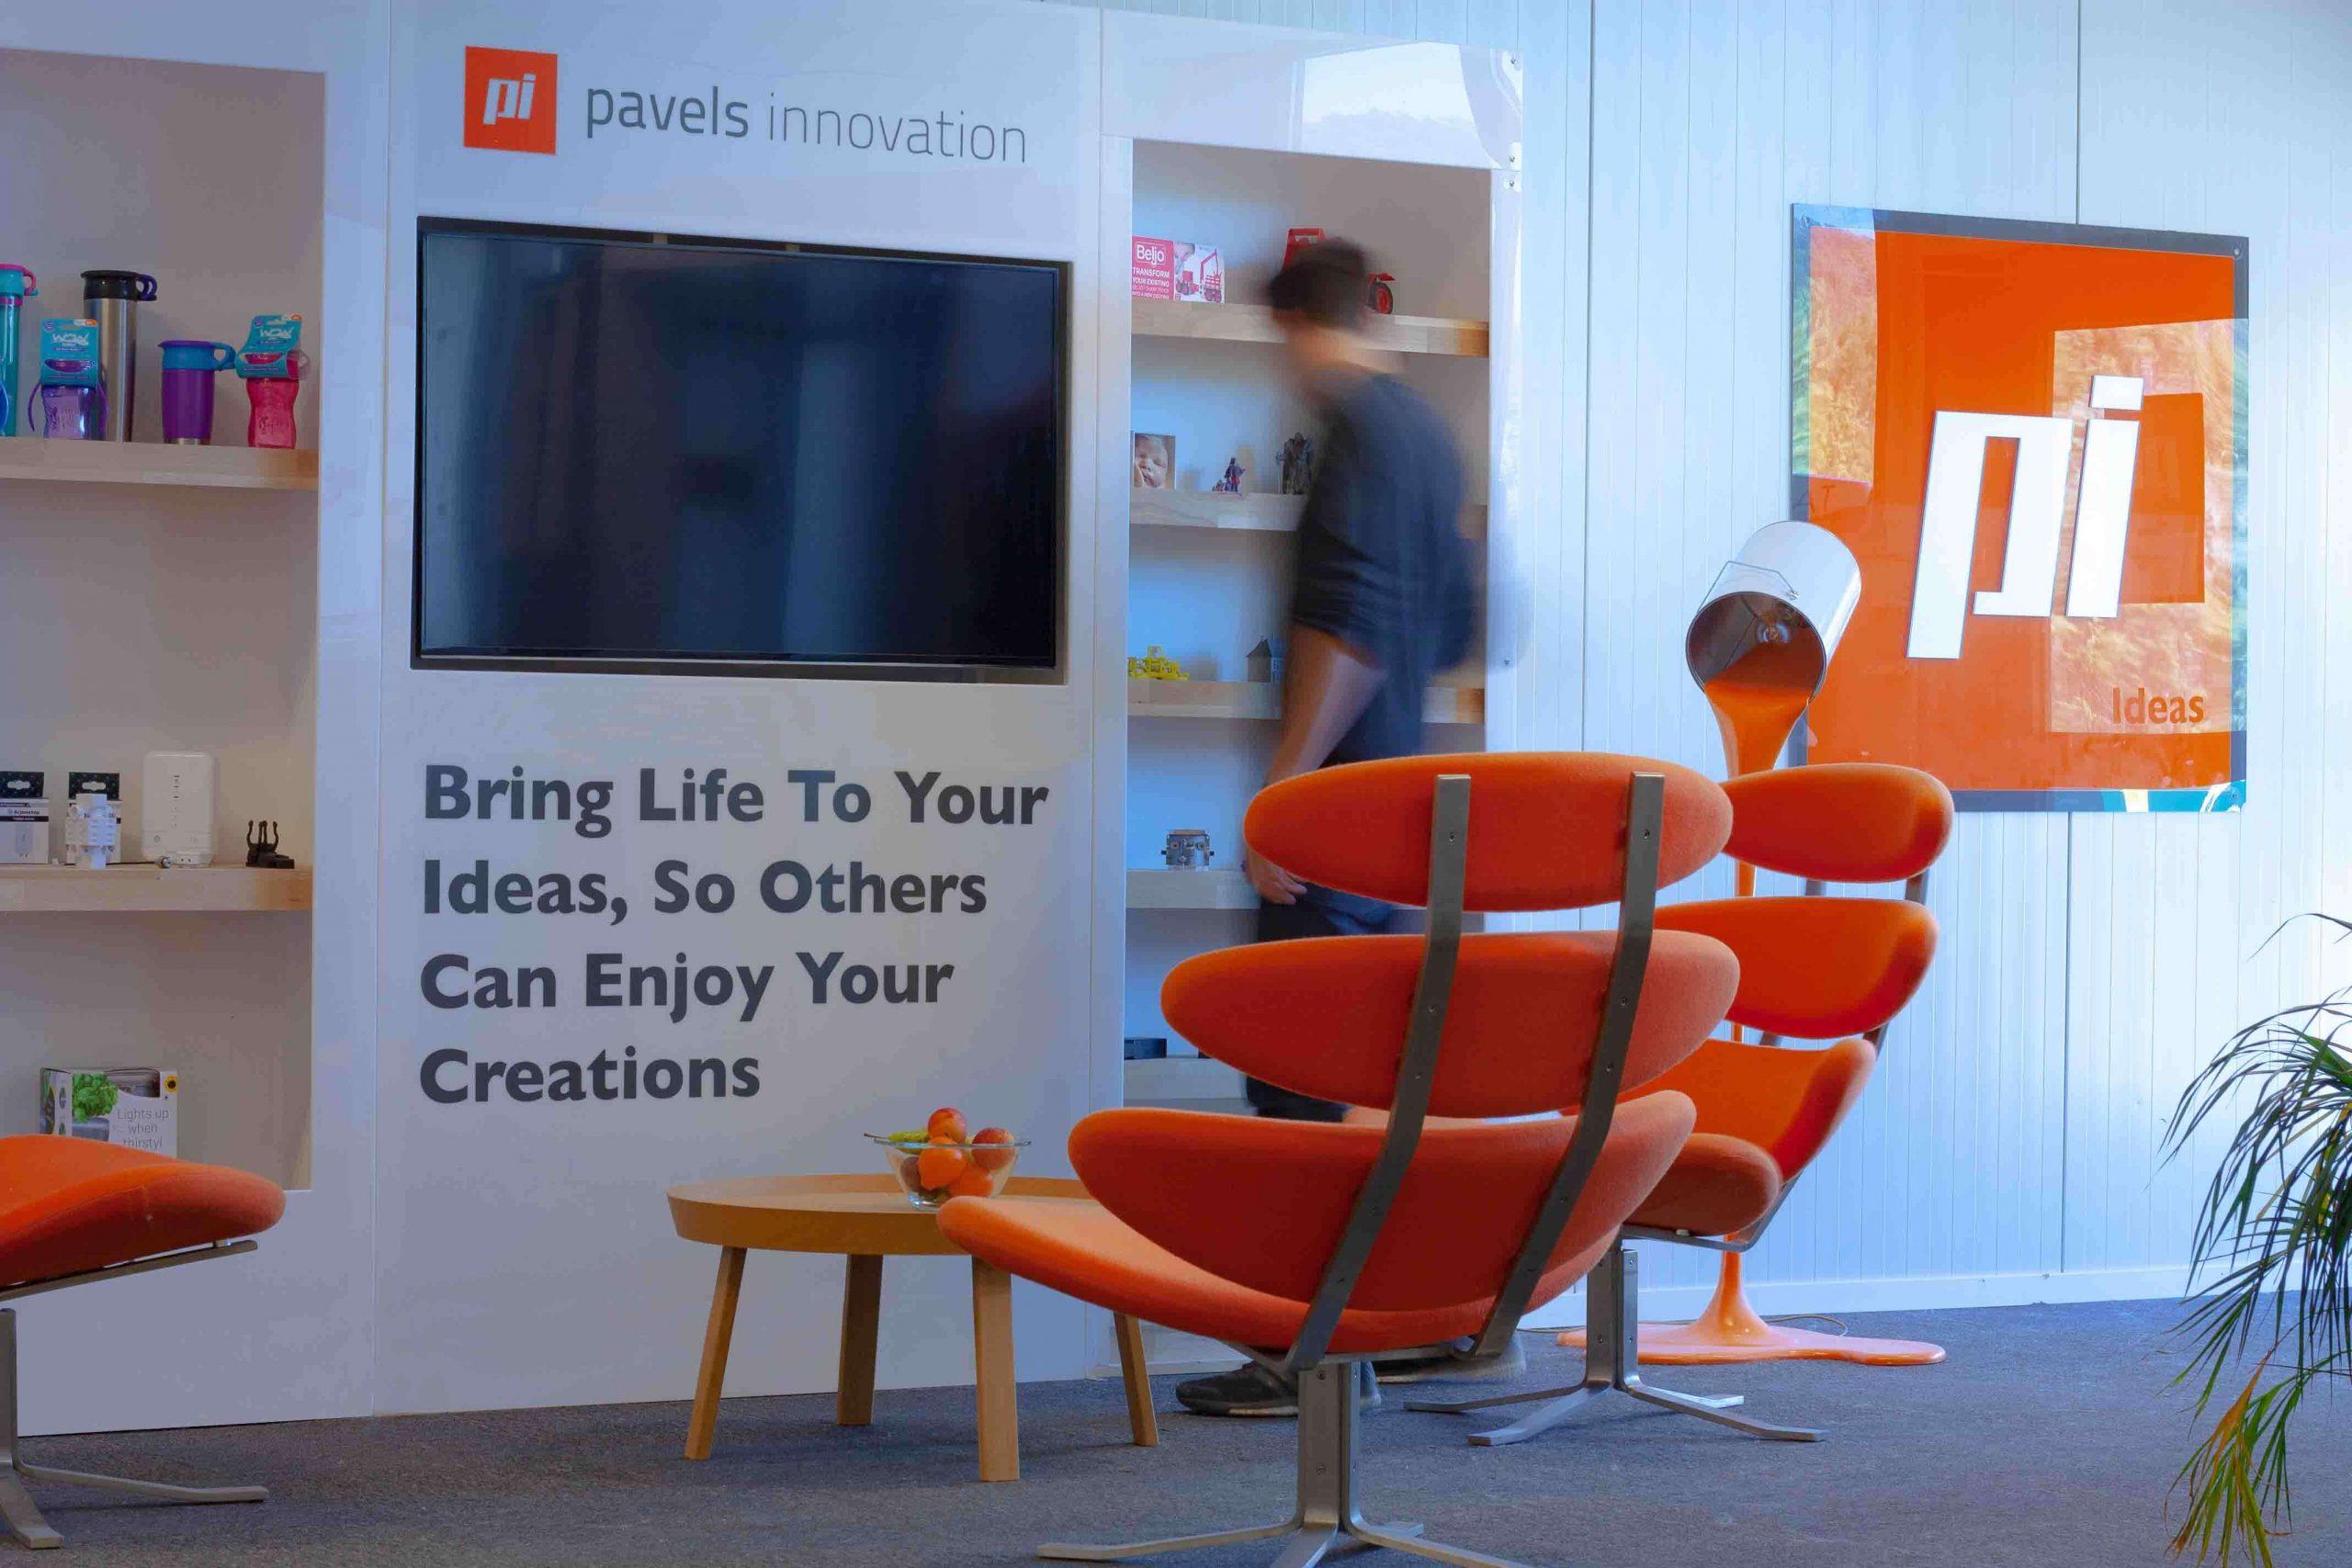 Bilde fra kontoret til Pavels Innovation. Sitat på veggen, oransj stol og logo på veggen.